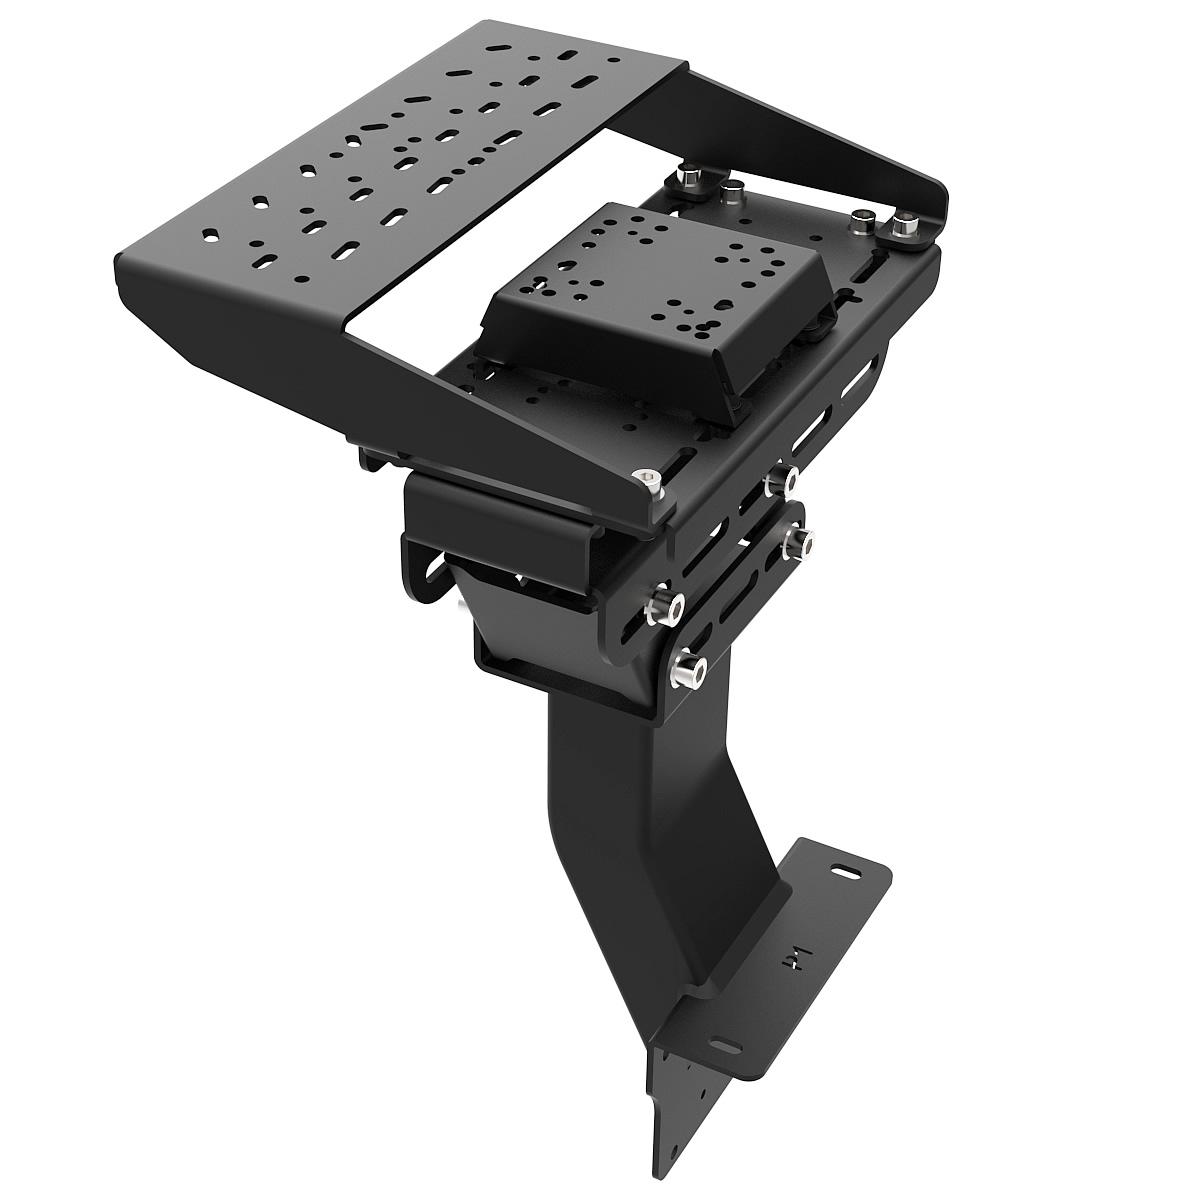 P1 Shifter / Handbrake Upgrade kit Black